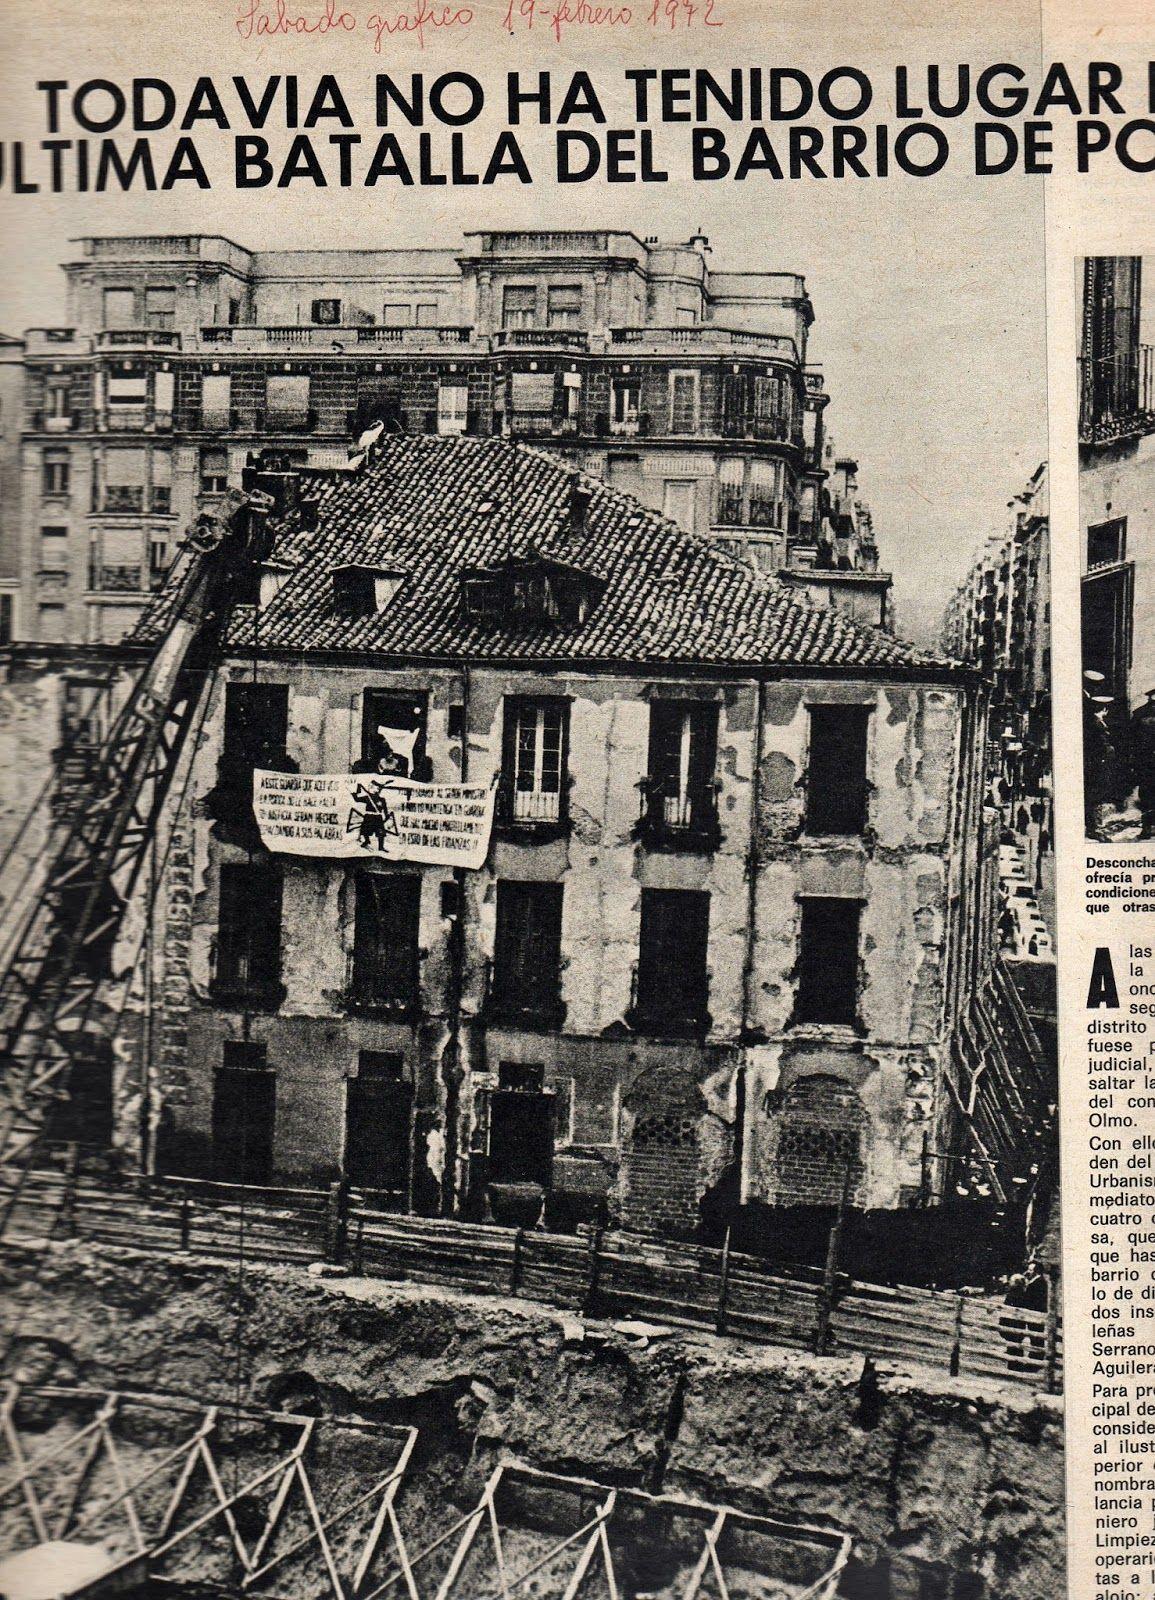 Derribos y resistencia en el barrio de Pozas.  Sábado Gráfico  (19 de febrero de 1972)